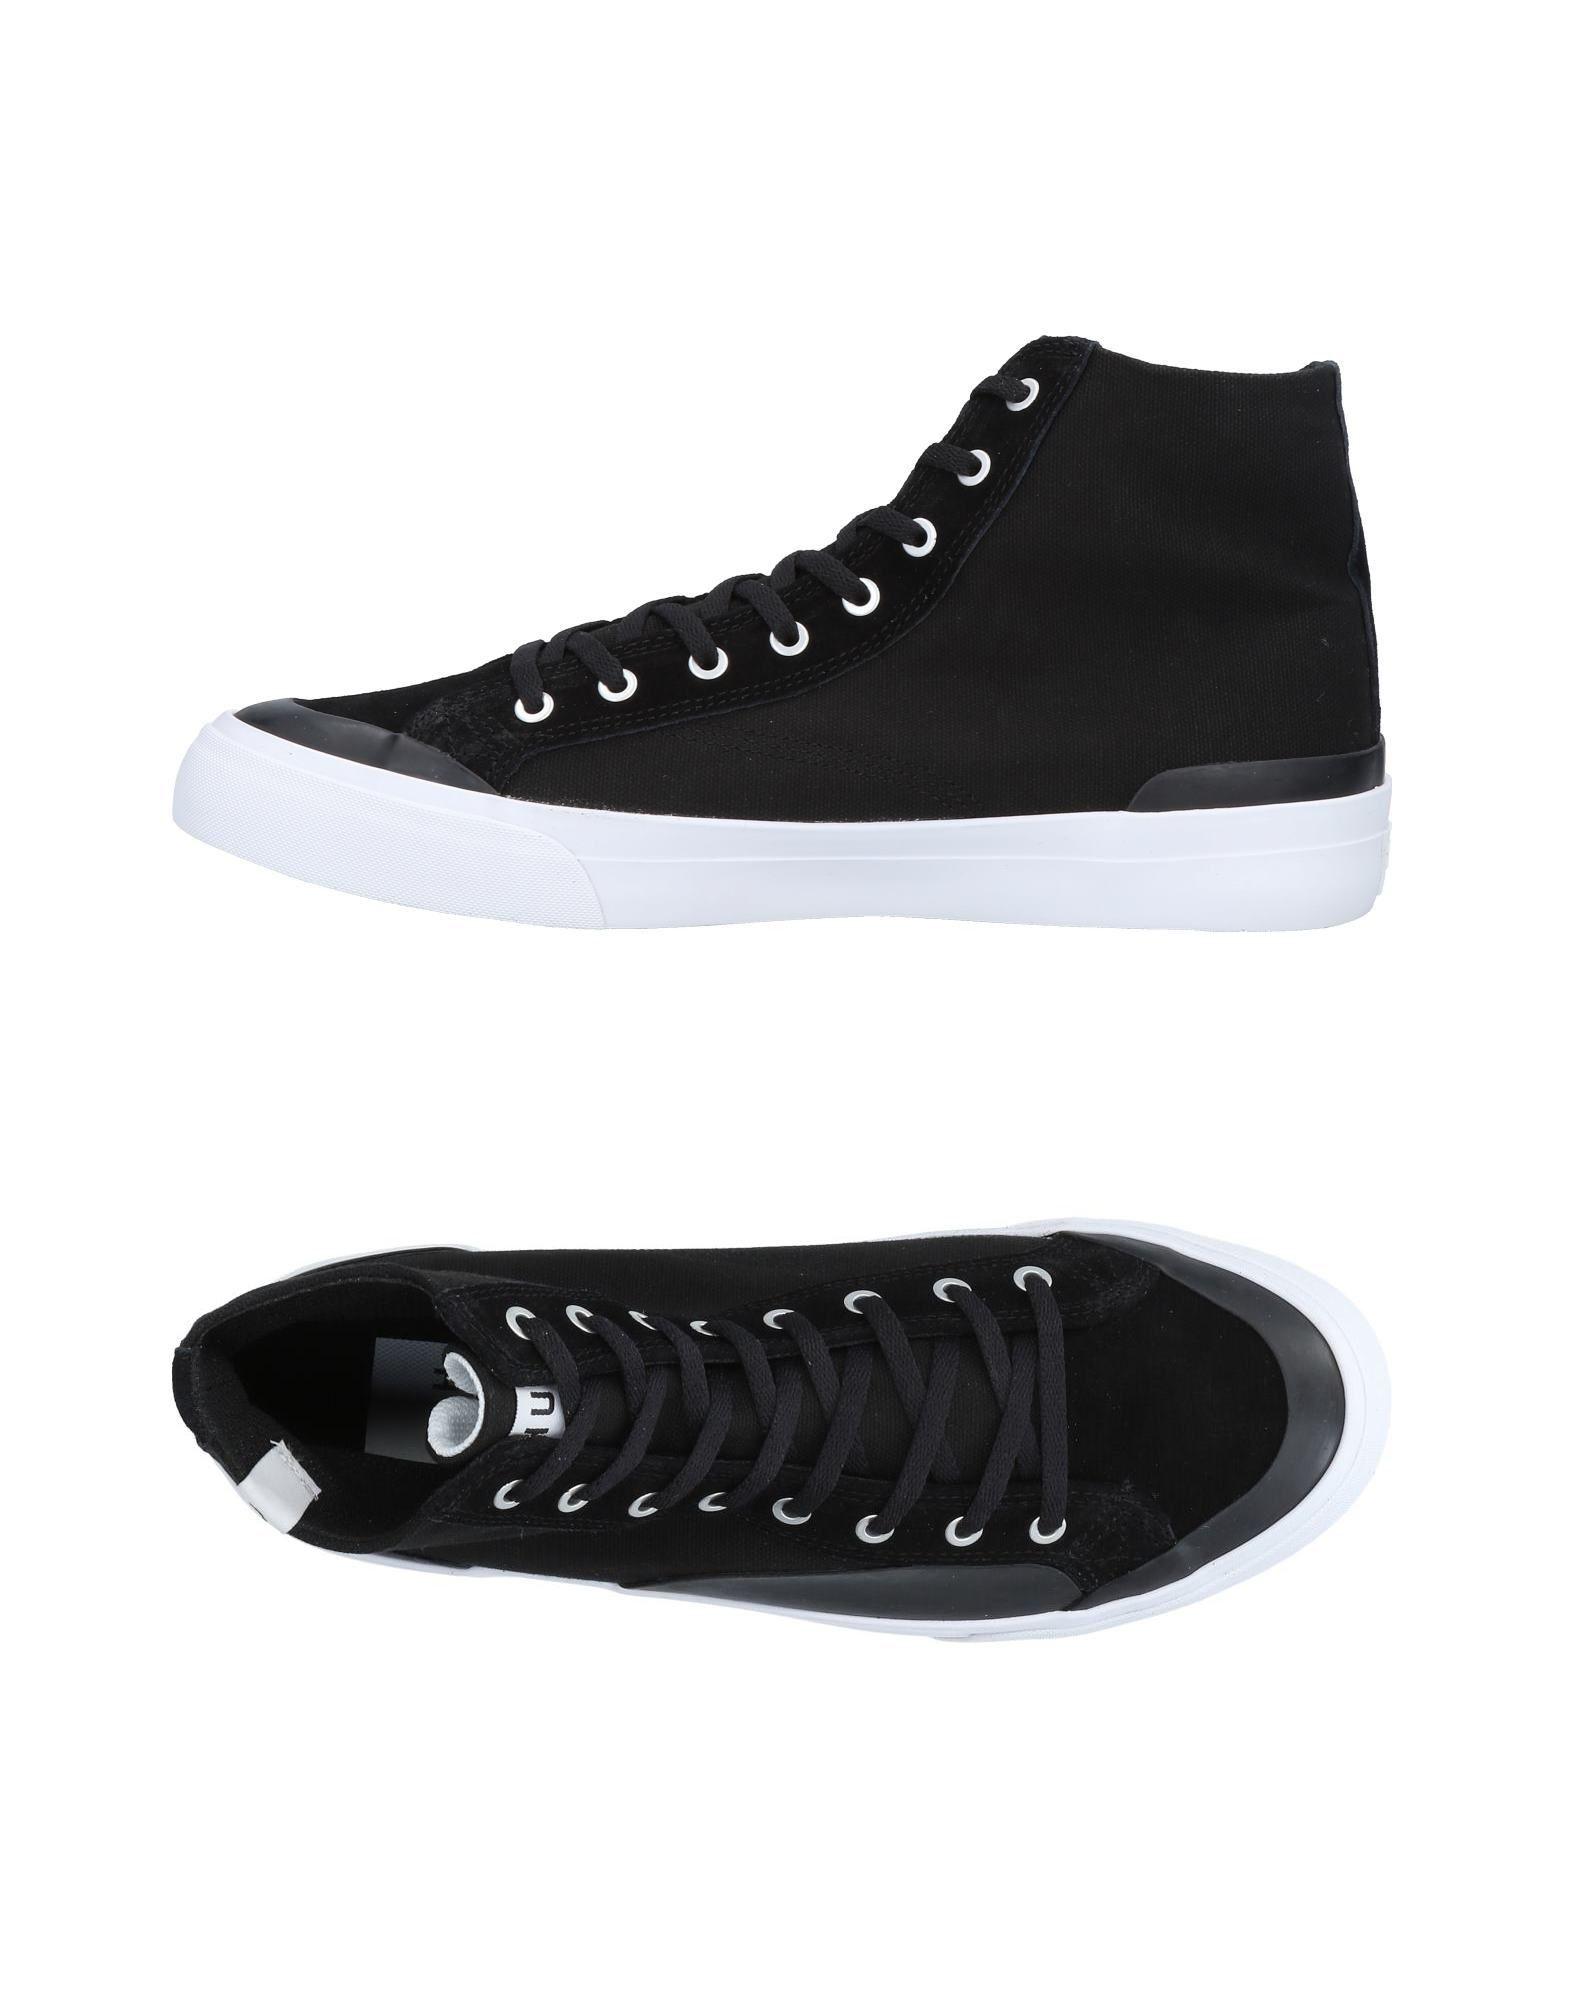 Scarpe economiche e resistenti Sneakers Huf Uomo - 11476286LL